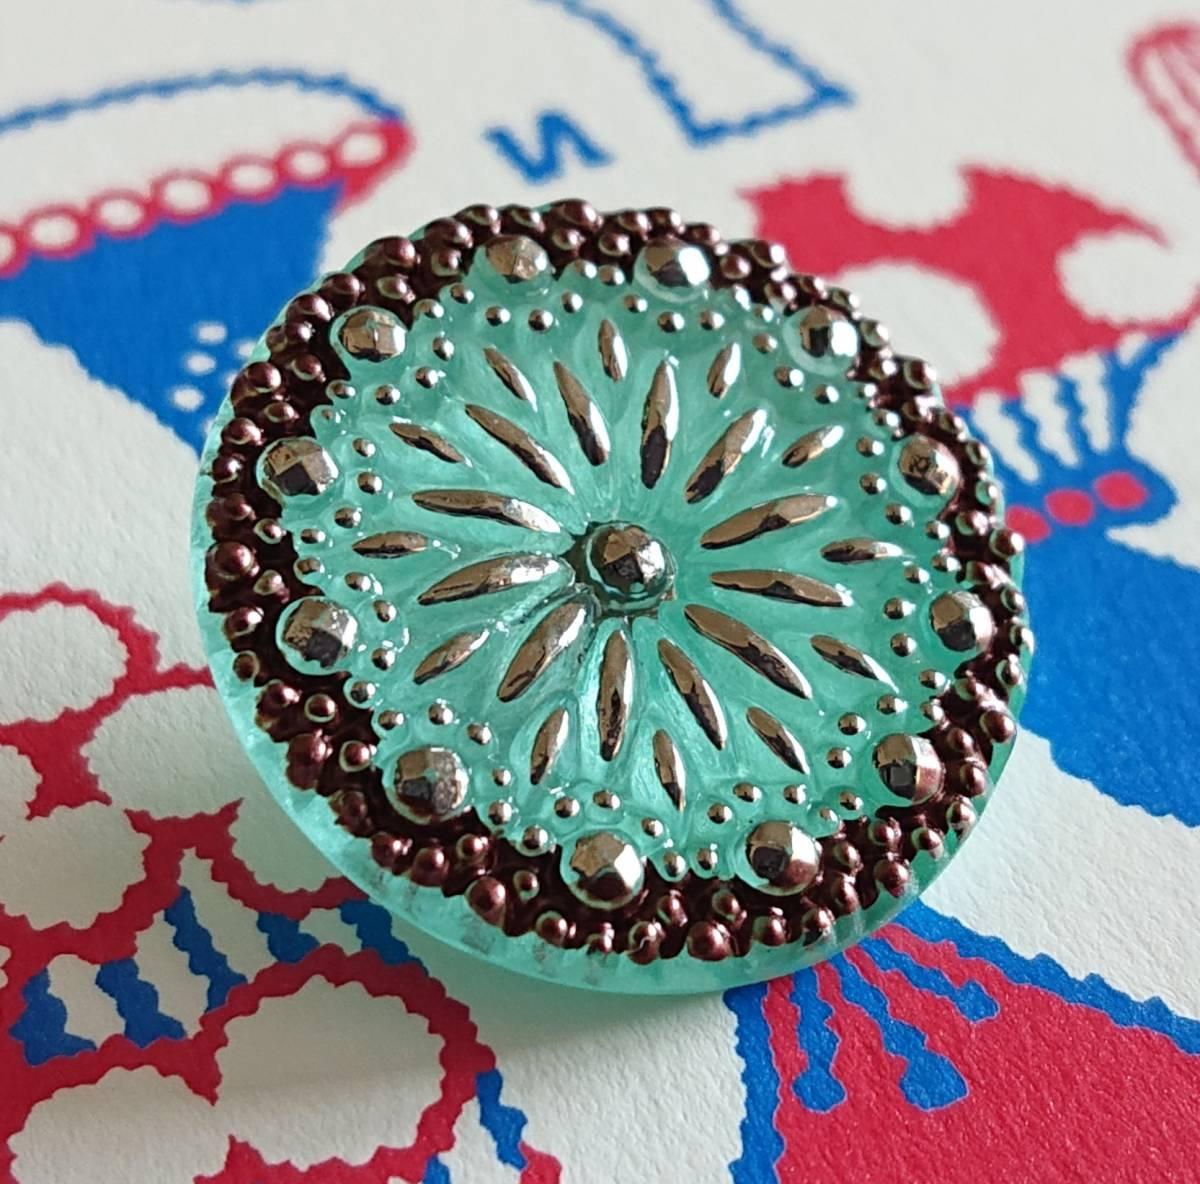 チェコ ガラスボタン27mm クリアターコイズブルー×シルバー/太陽と星の様なボタン コレクション・ハンドメイドに_画像1